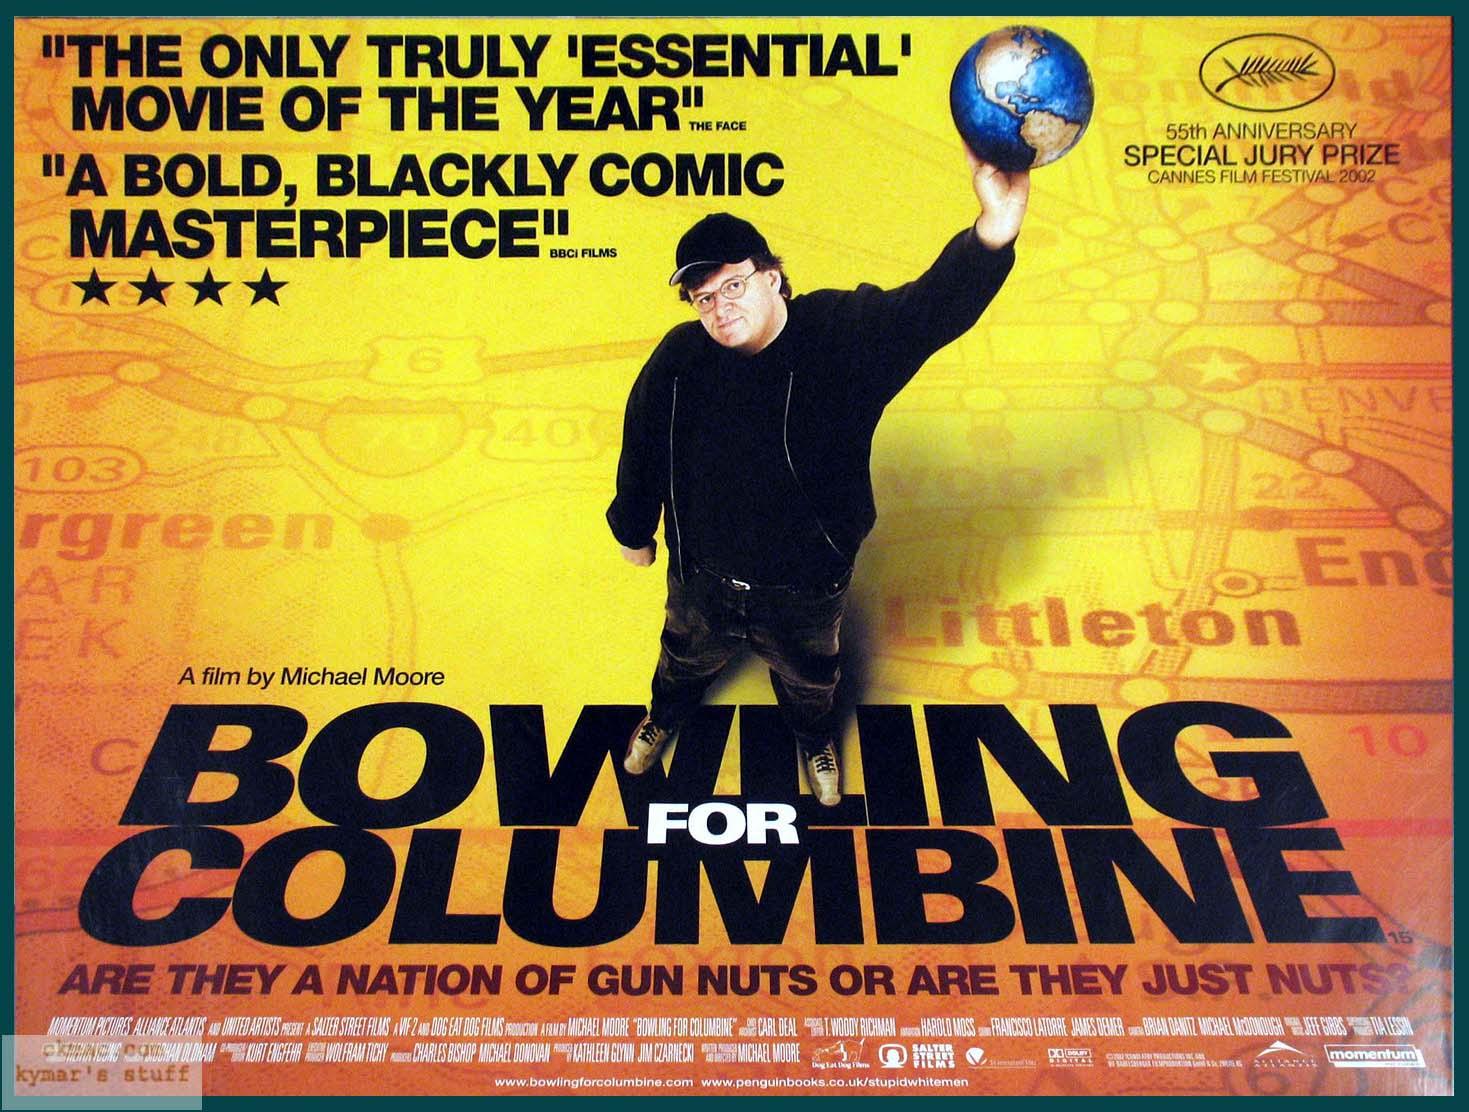 http://2.bp.blogspot.com/-Xv6IGtZ97Ow/T47lVr7MlLI/AAAAAAAAAZU/Wnw_D_derIs/s1600/Bowling%20for%20Columbine01.jpg#bowling%20for%20columbine%201469x1112